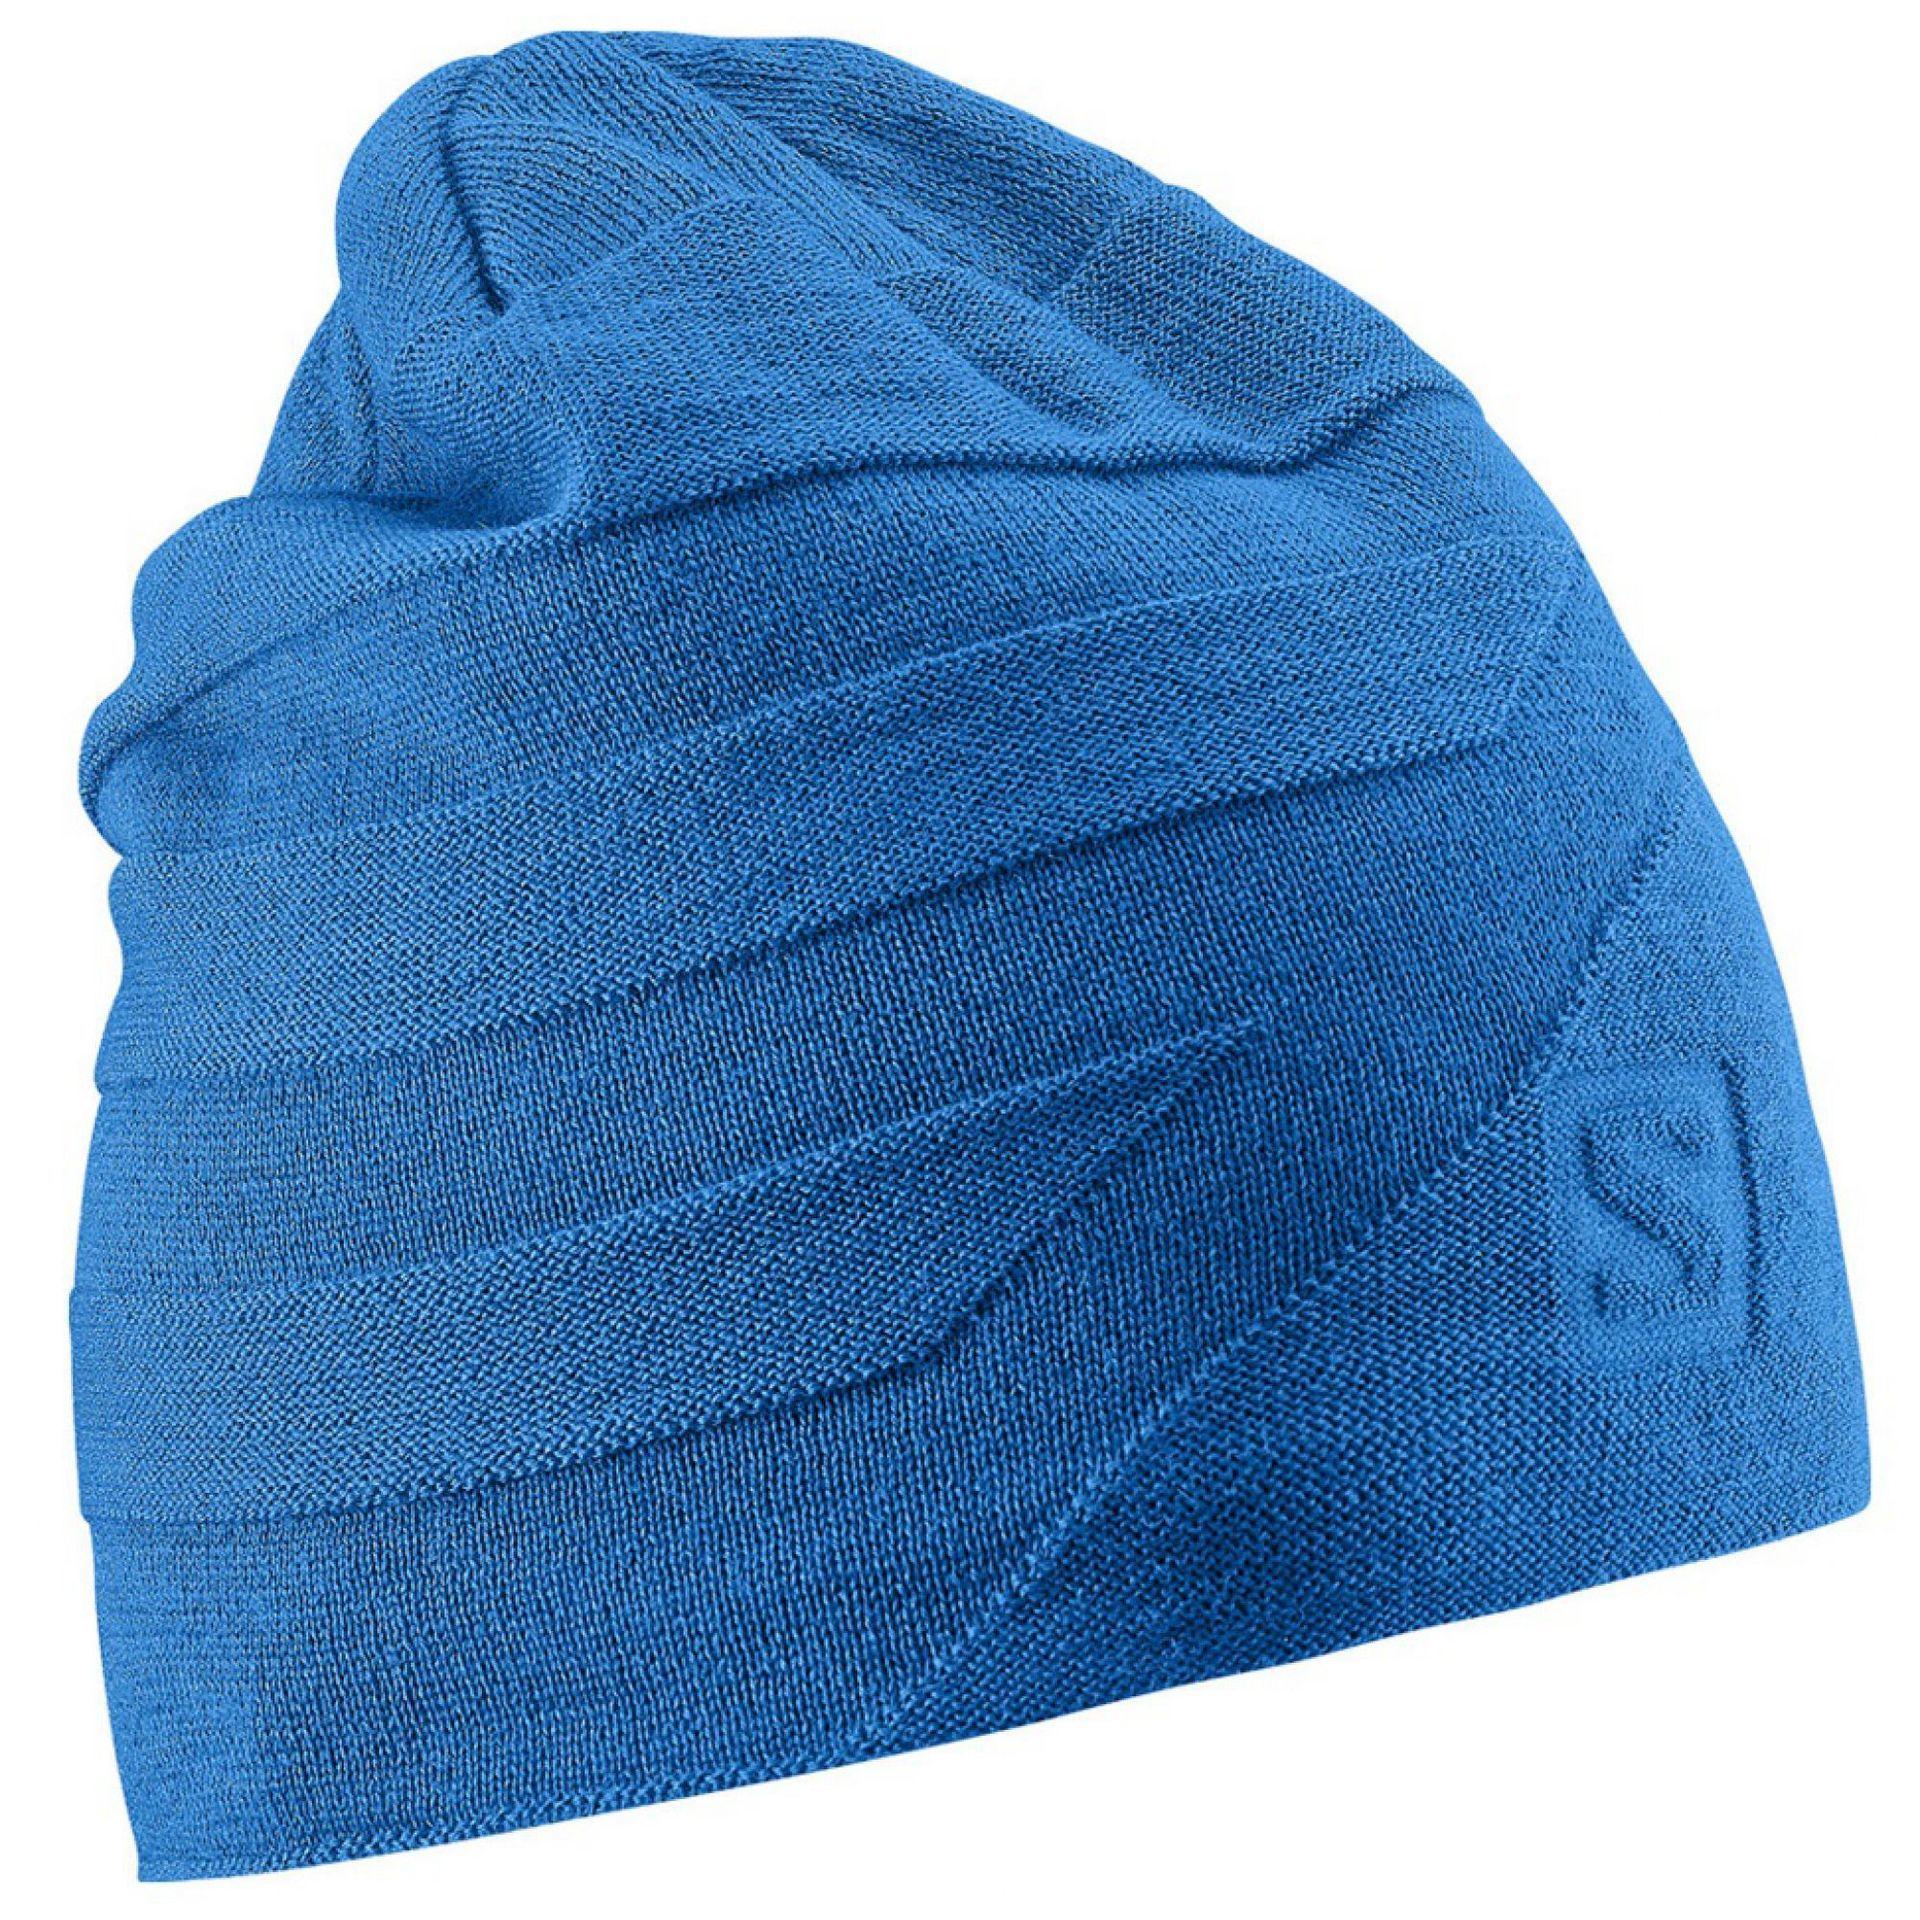 CZAPKA SALOMON EAGLE BEANIE BLUE